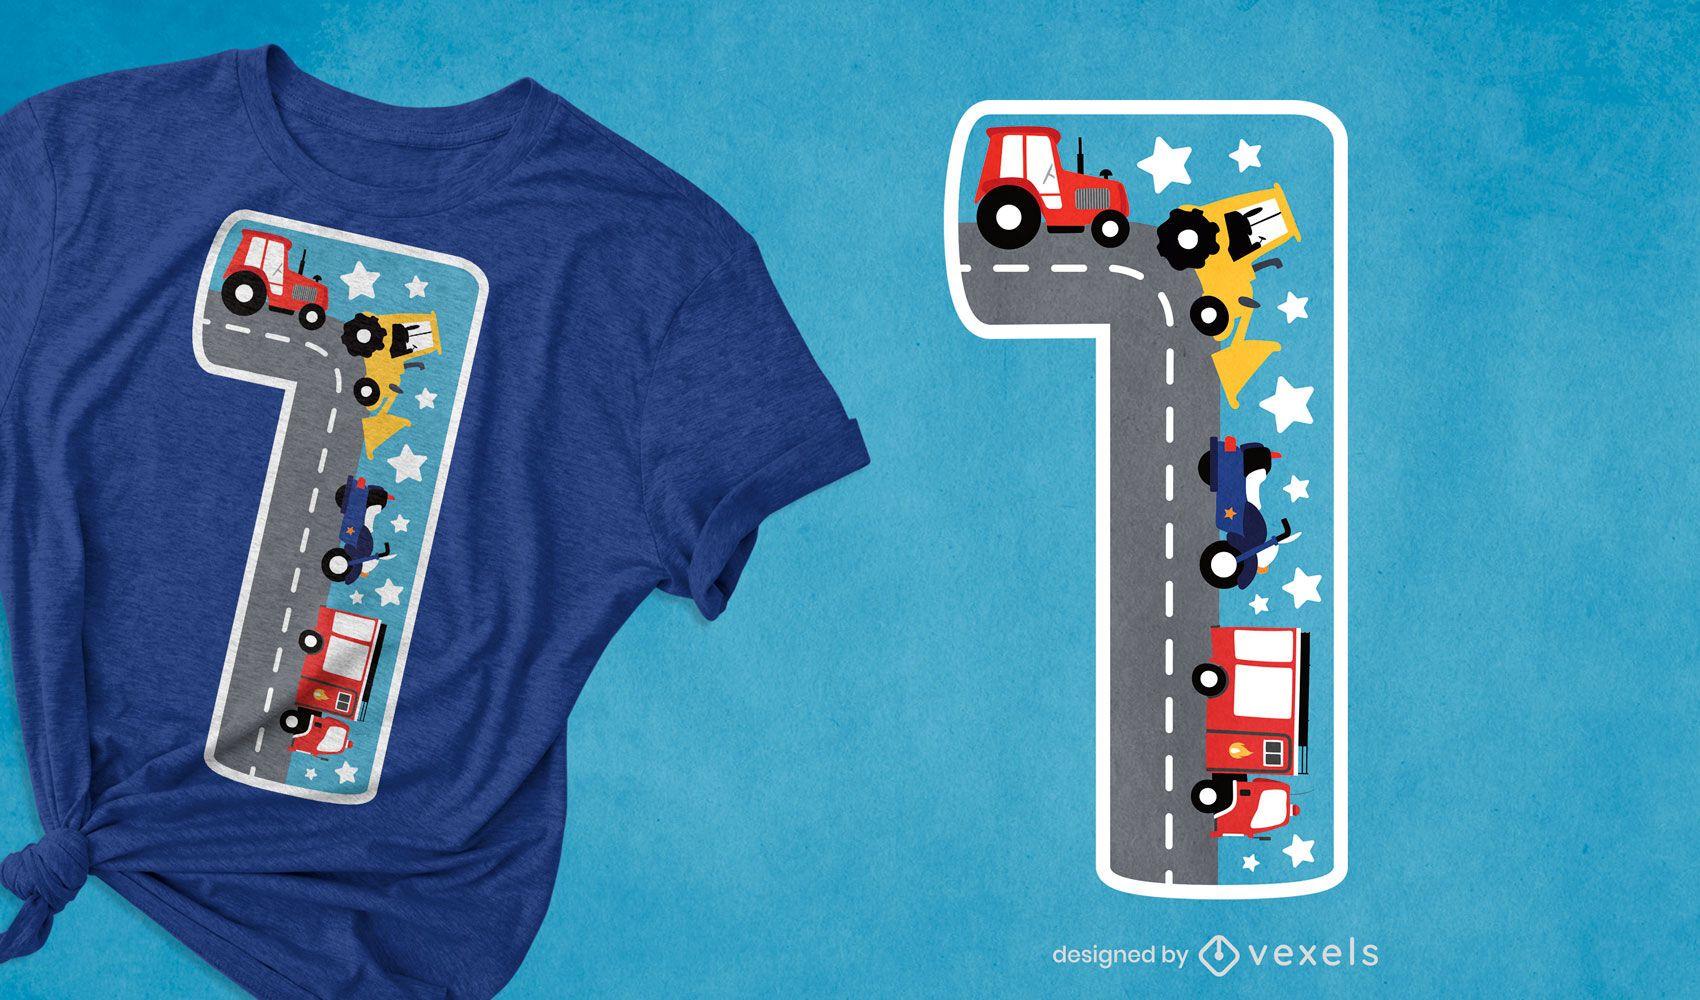 Dise?o de camiseta n?mero uno para ni?os